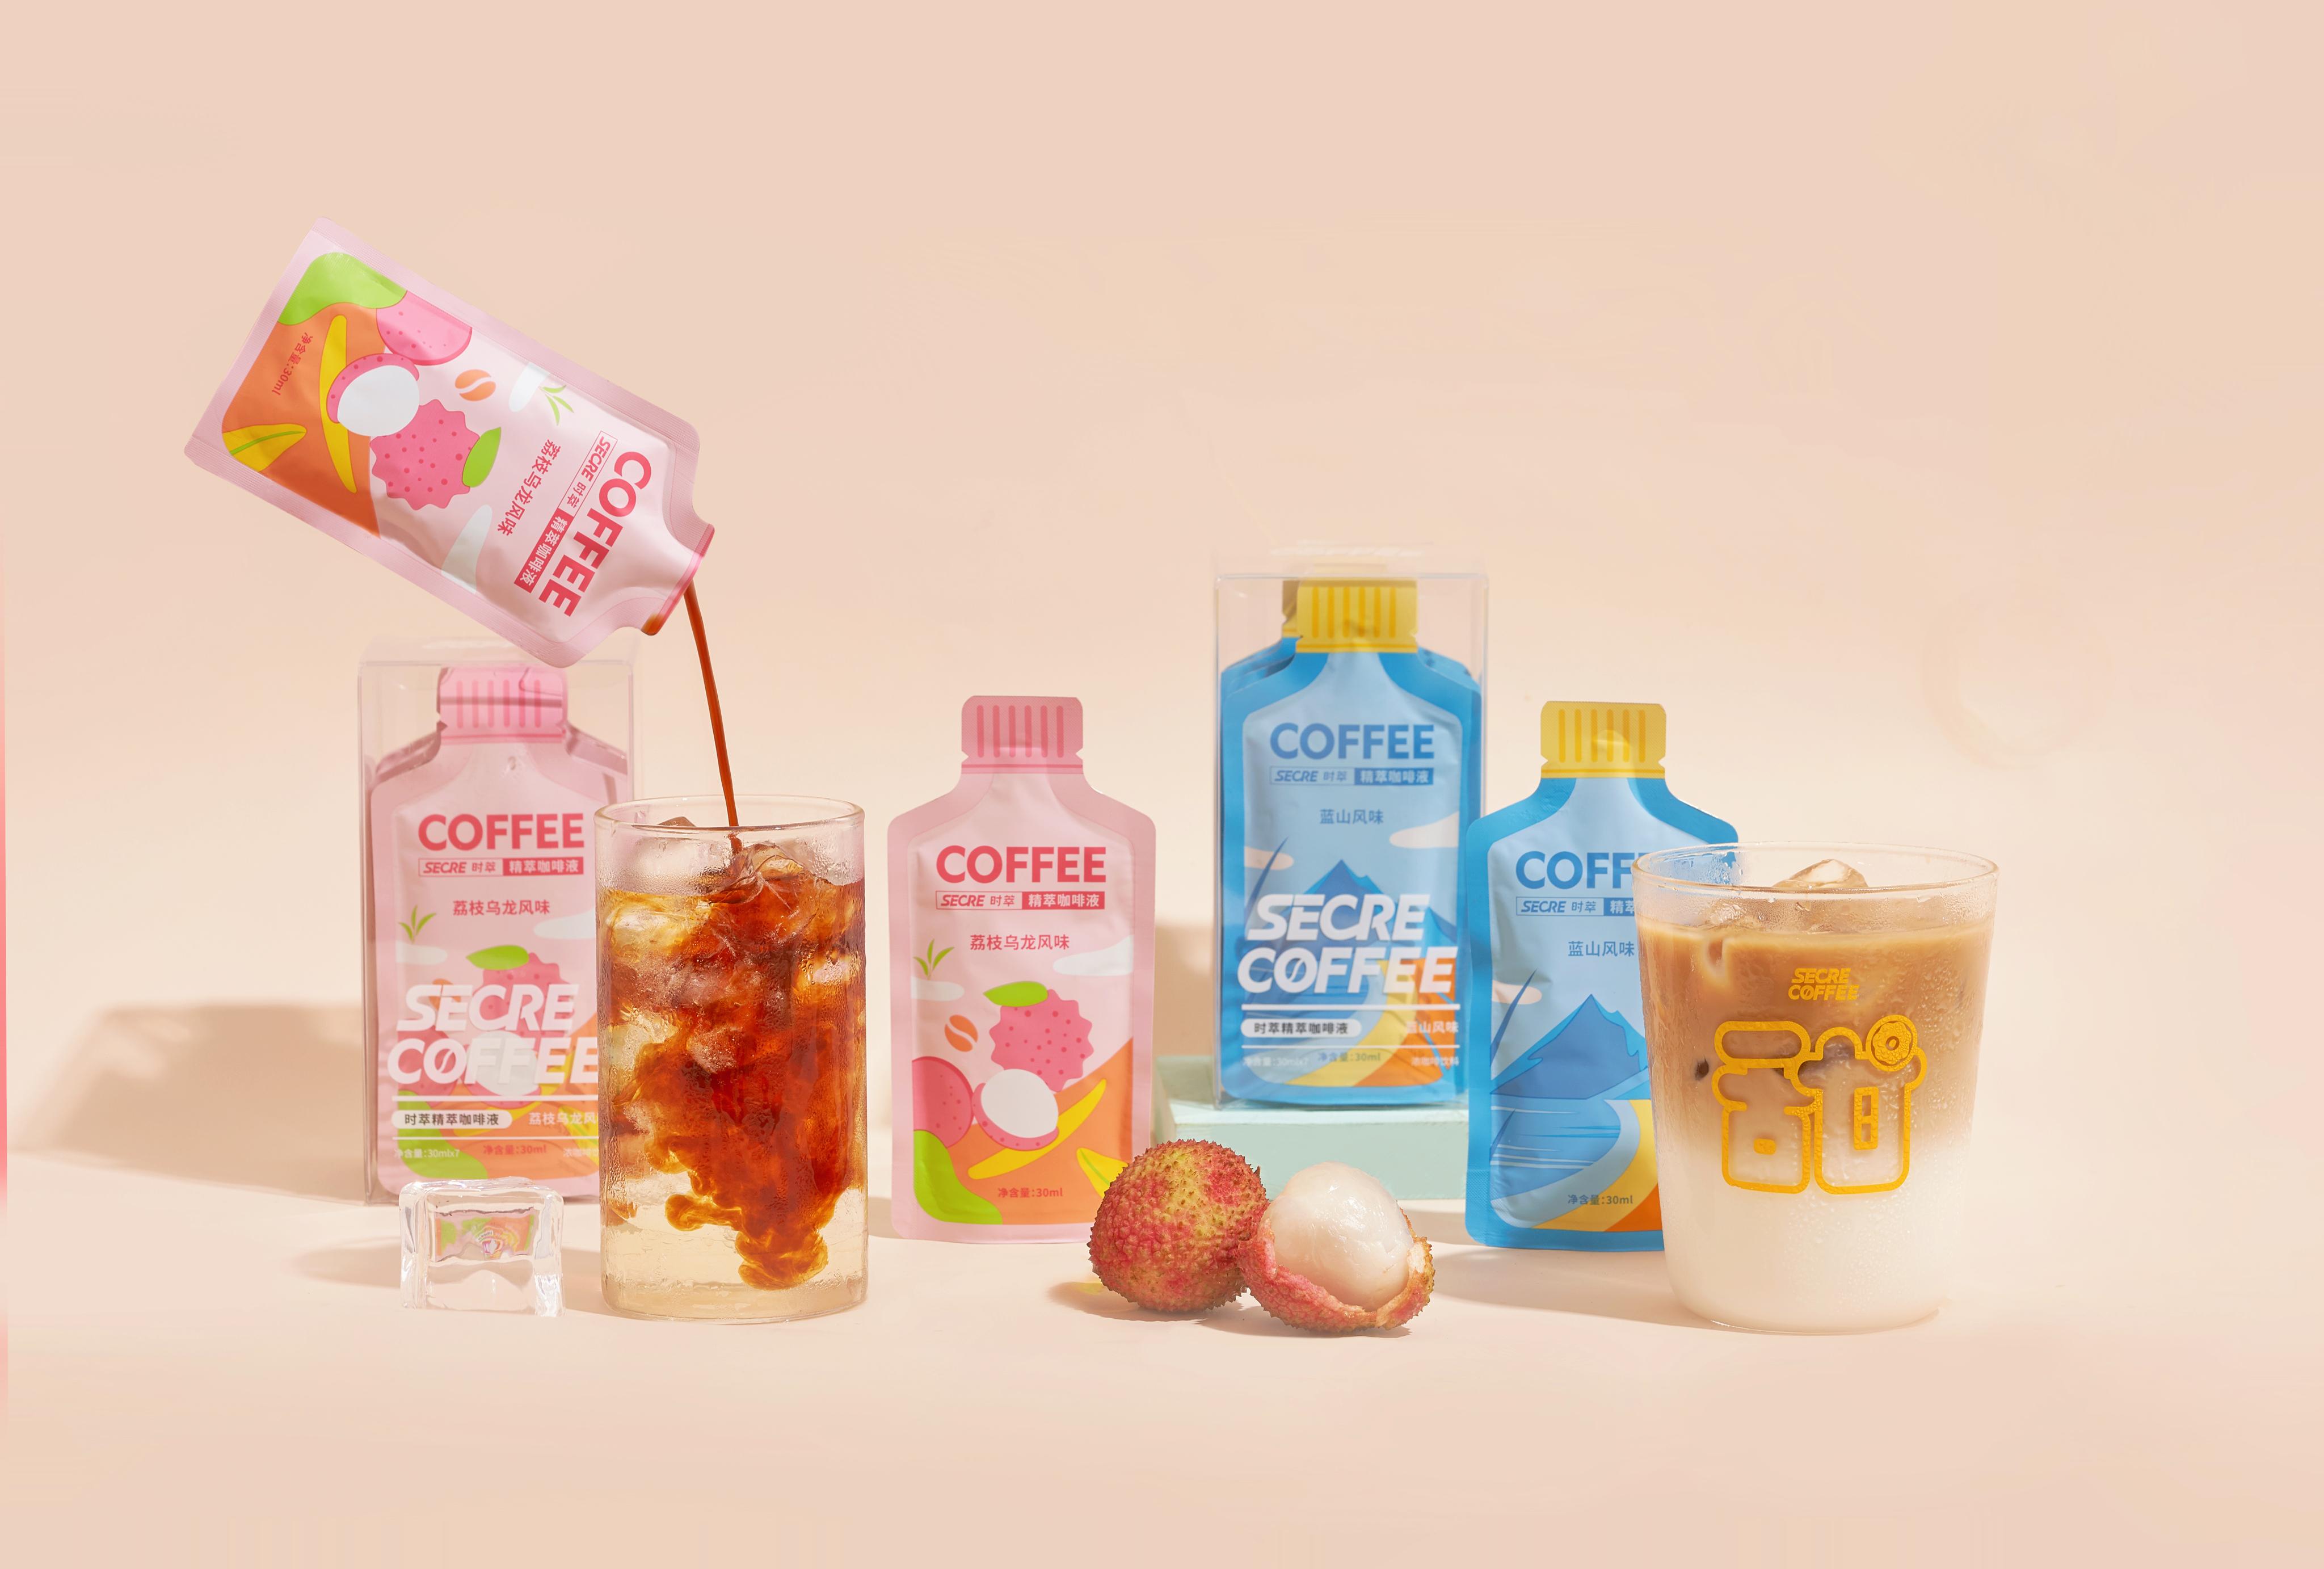 炎炎夏日遇见精萃冰咖啡 ,「时萃SECRE」常温储存咖啡液系列 产品打新